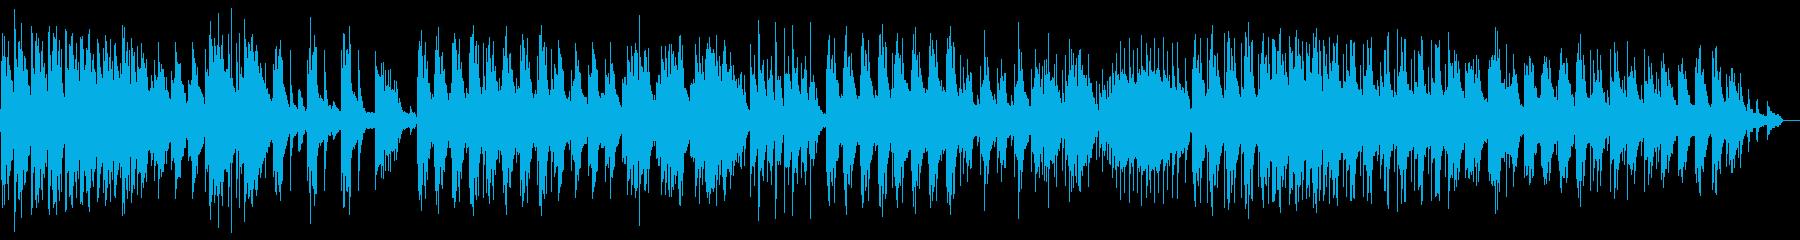 ピアノが印象的な悲しげなインストの再生済みの波形